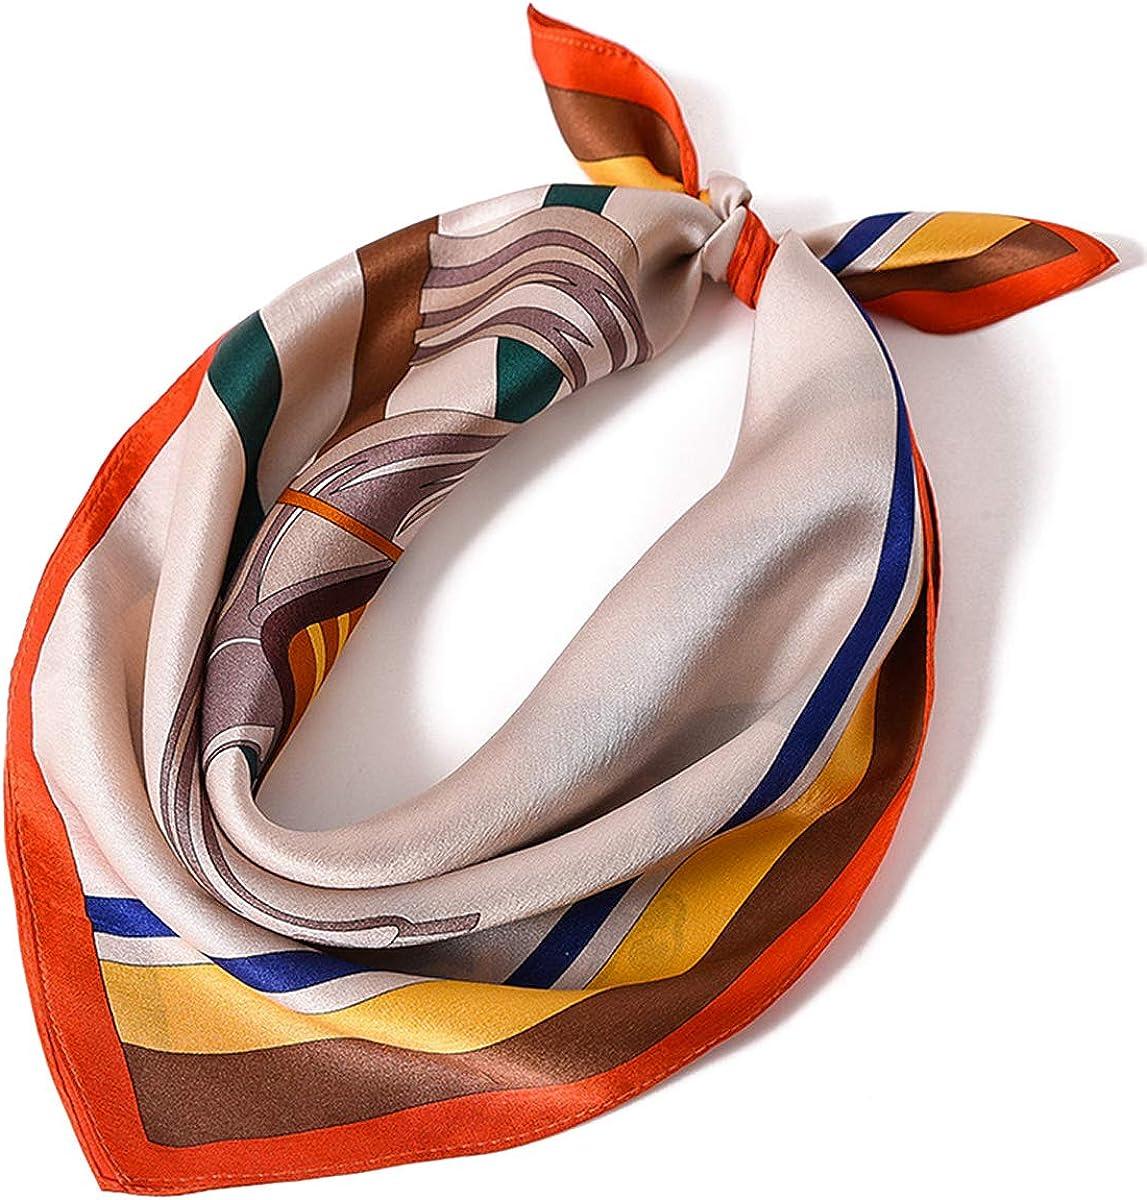 LumiSyne Bufandas De Seda Mujer Retro Bufanda Cuadrada Patrón De Caballo Satén Suave Decoración De Moda